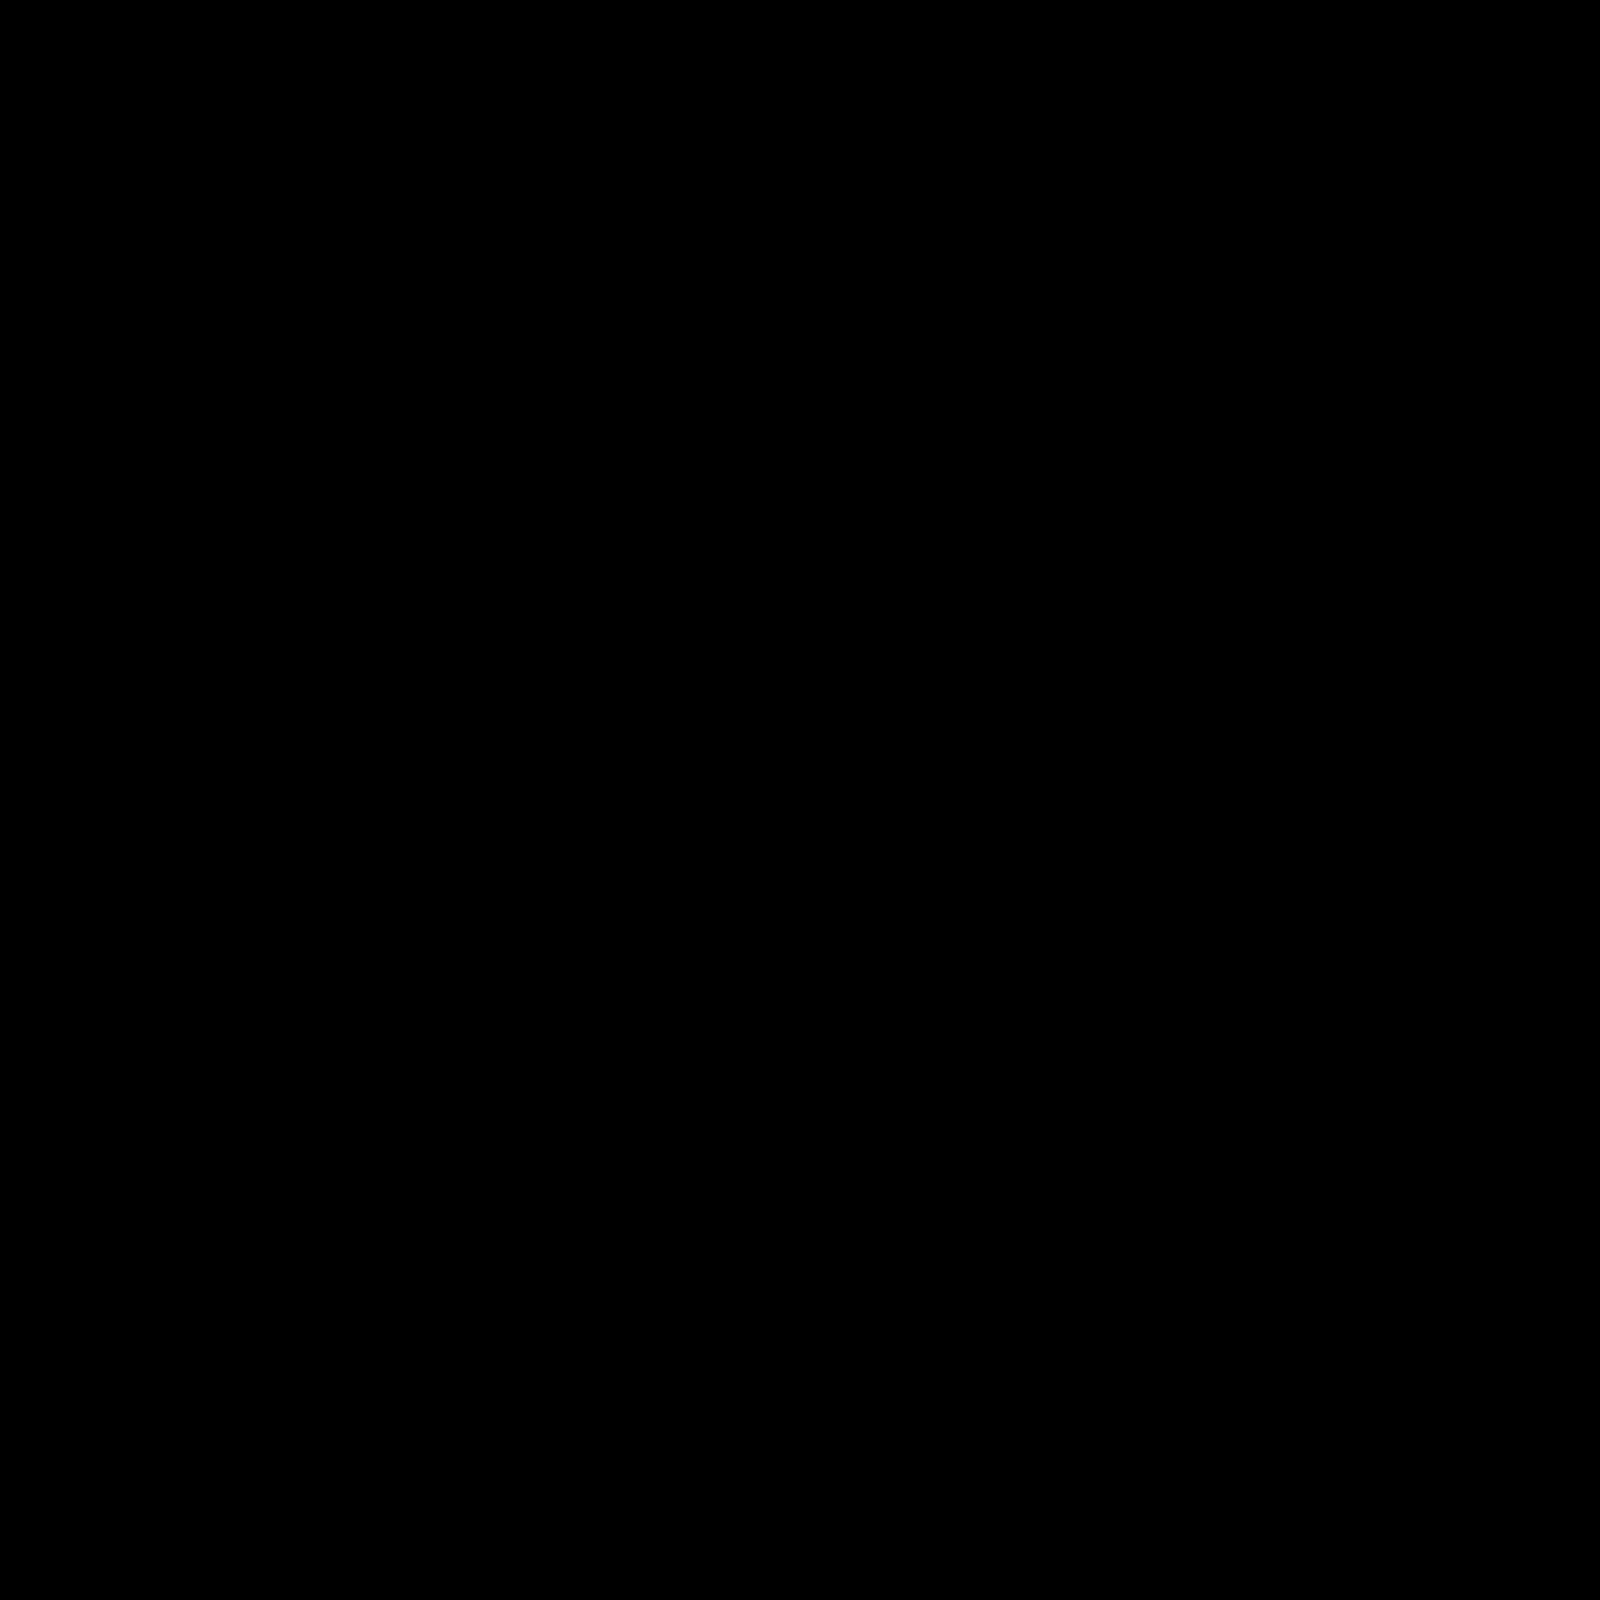 Stolik w restauracji icon